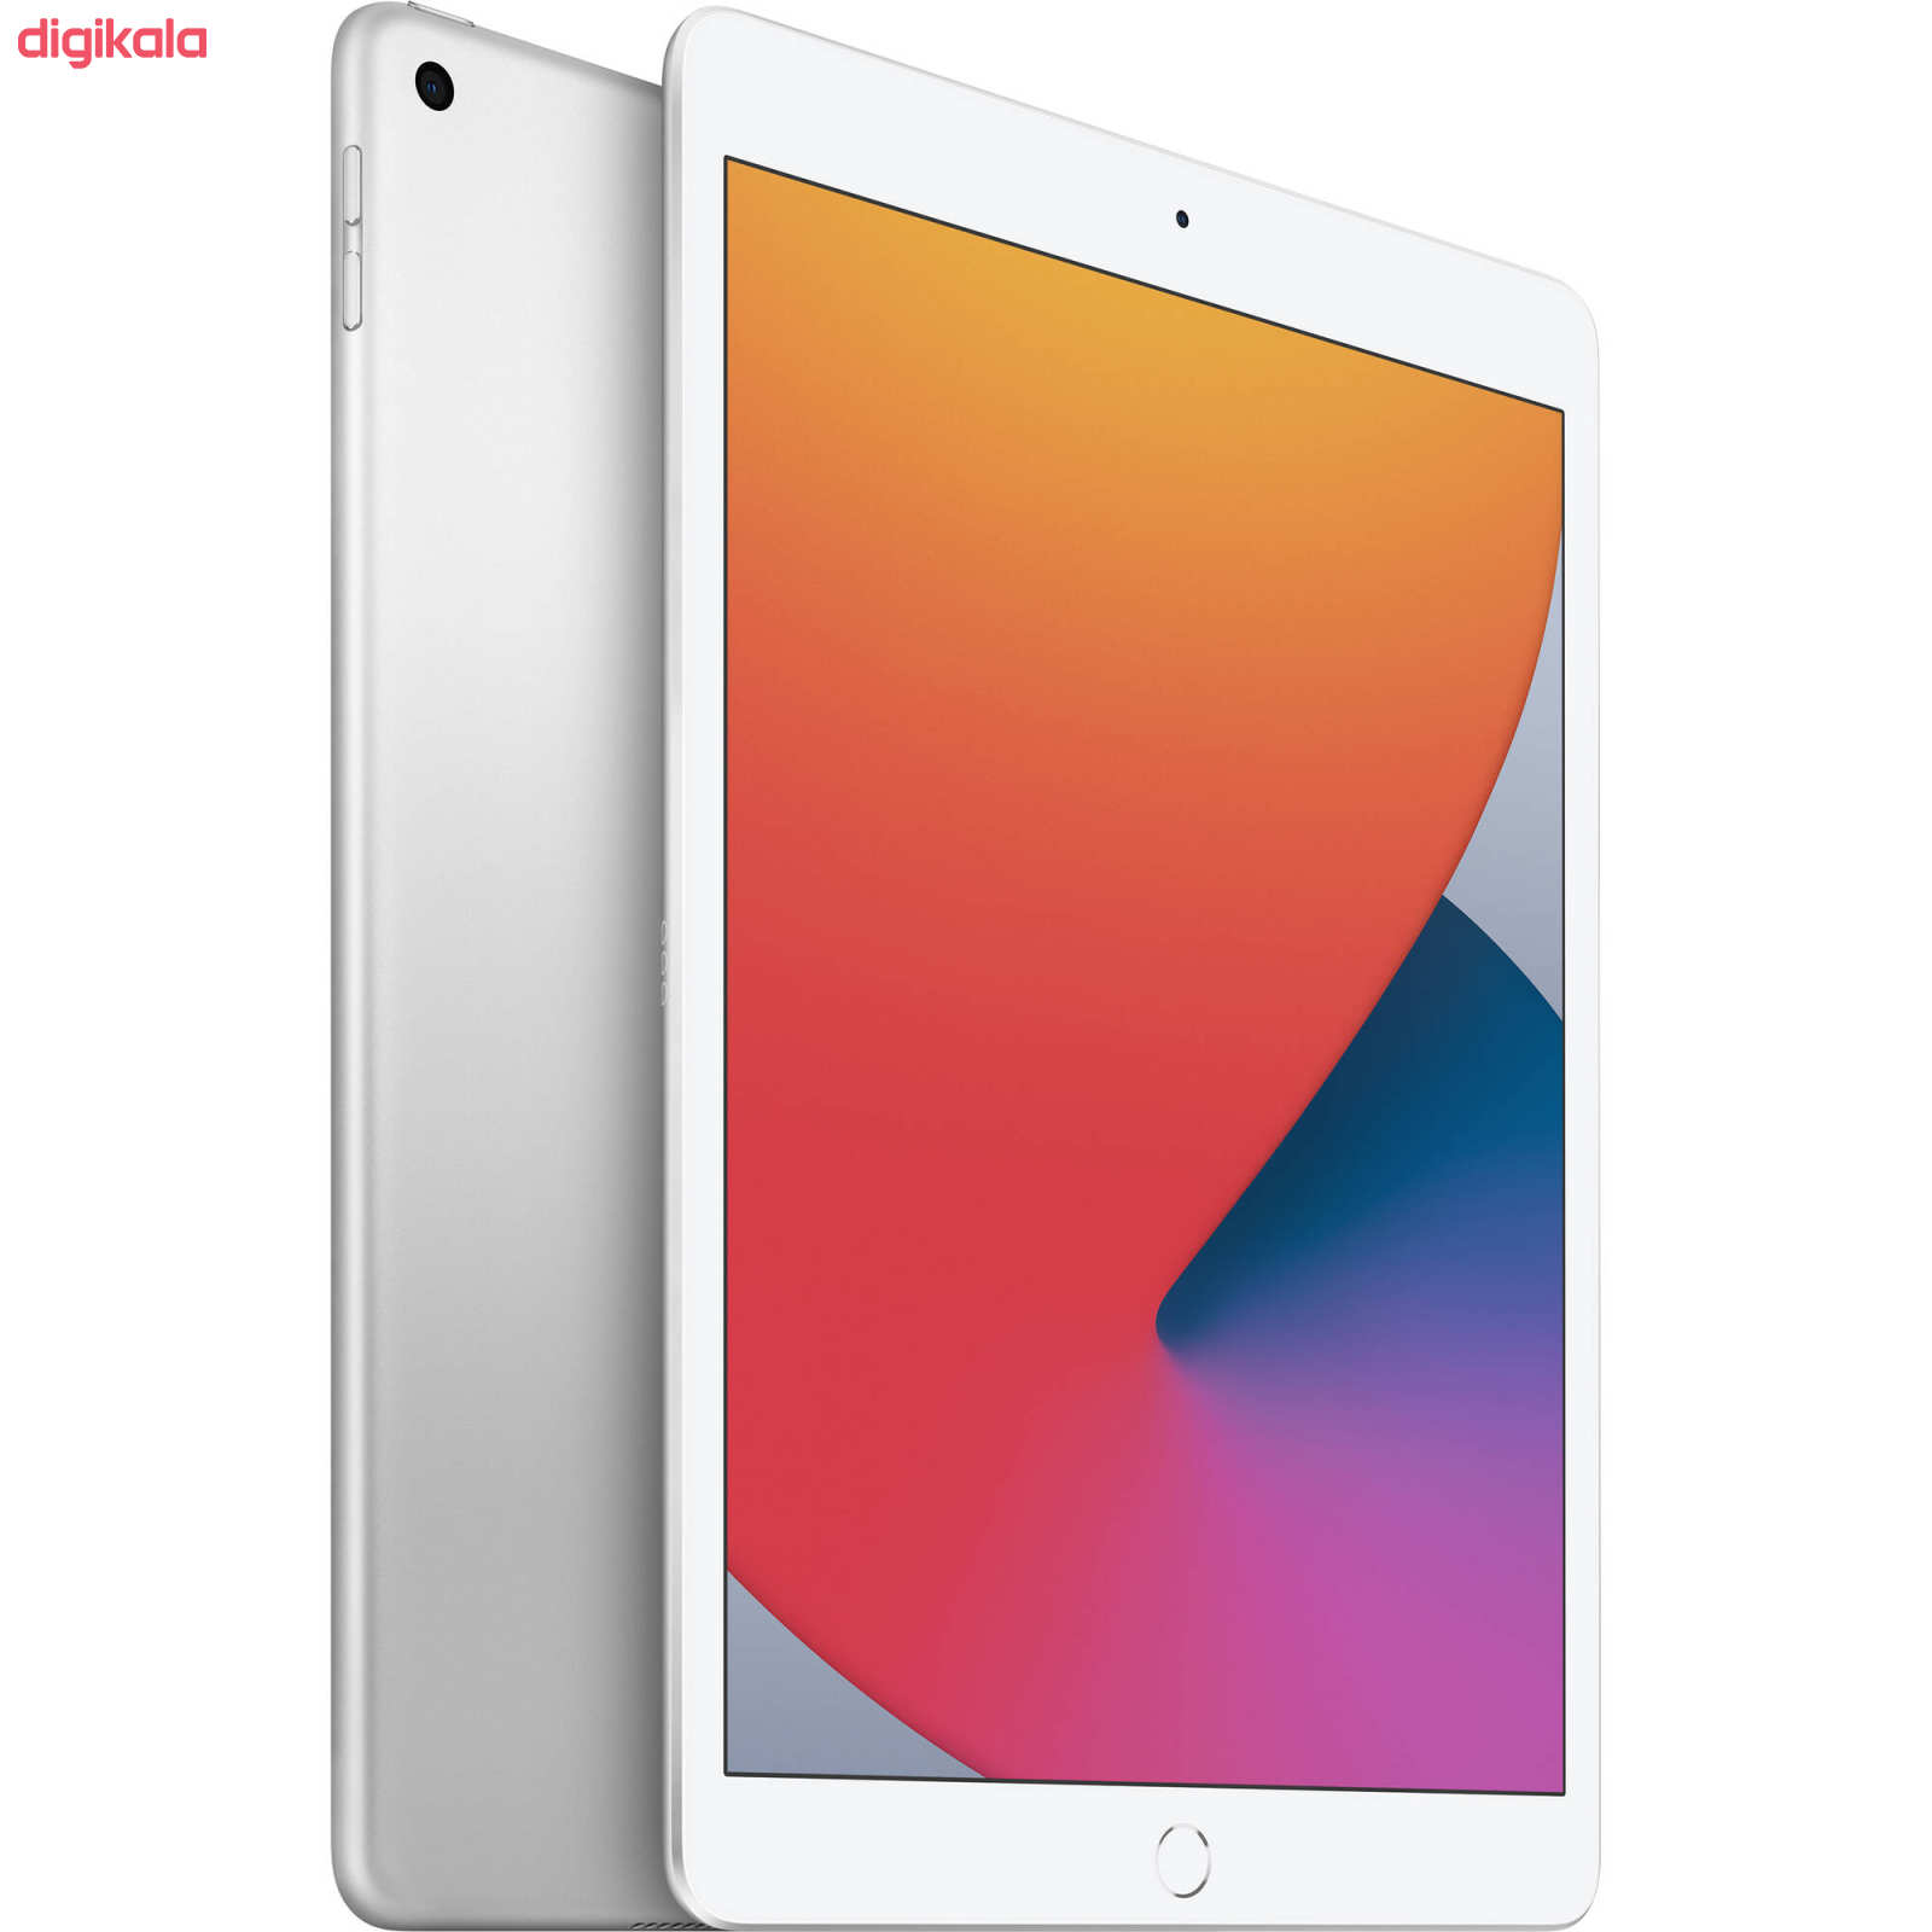 تبلت اپل مدل iPad 10.2 inch 2020 4G/LTE ظرفیت 128 گیگابایت  main 1 7